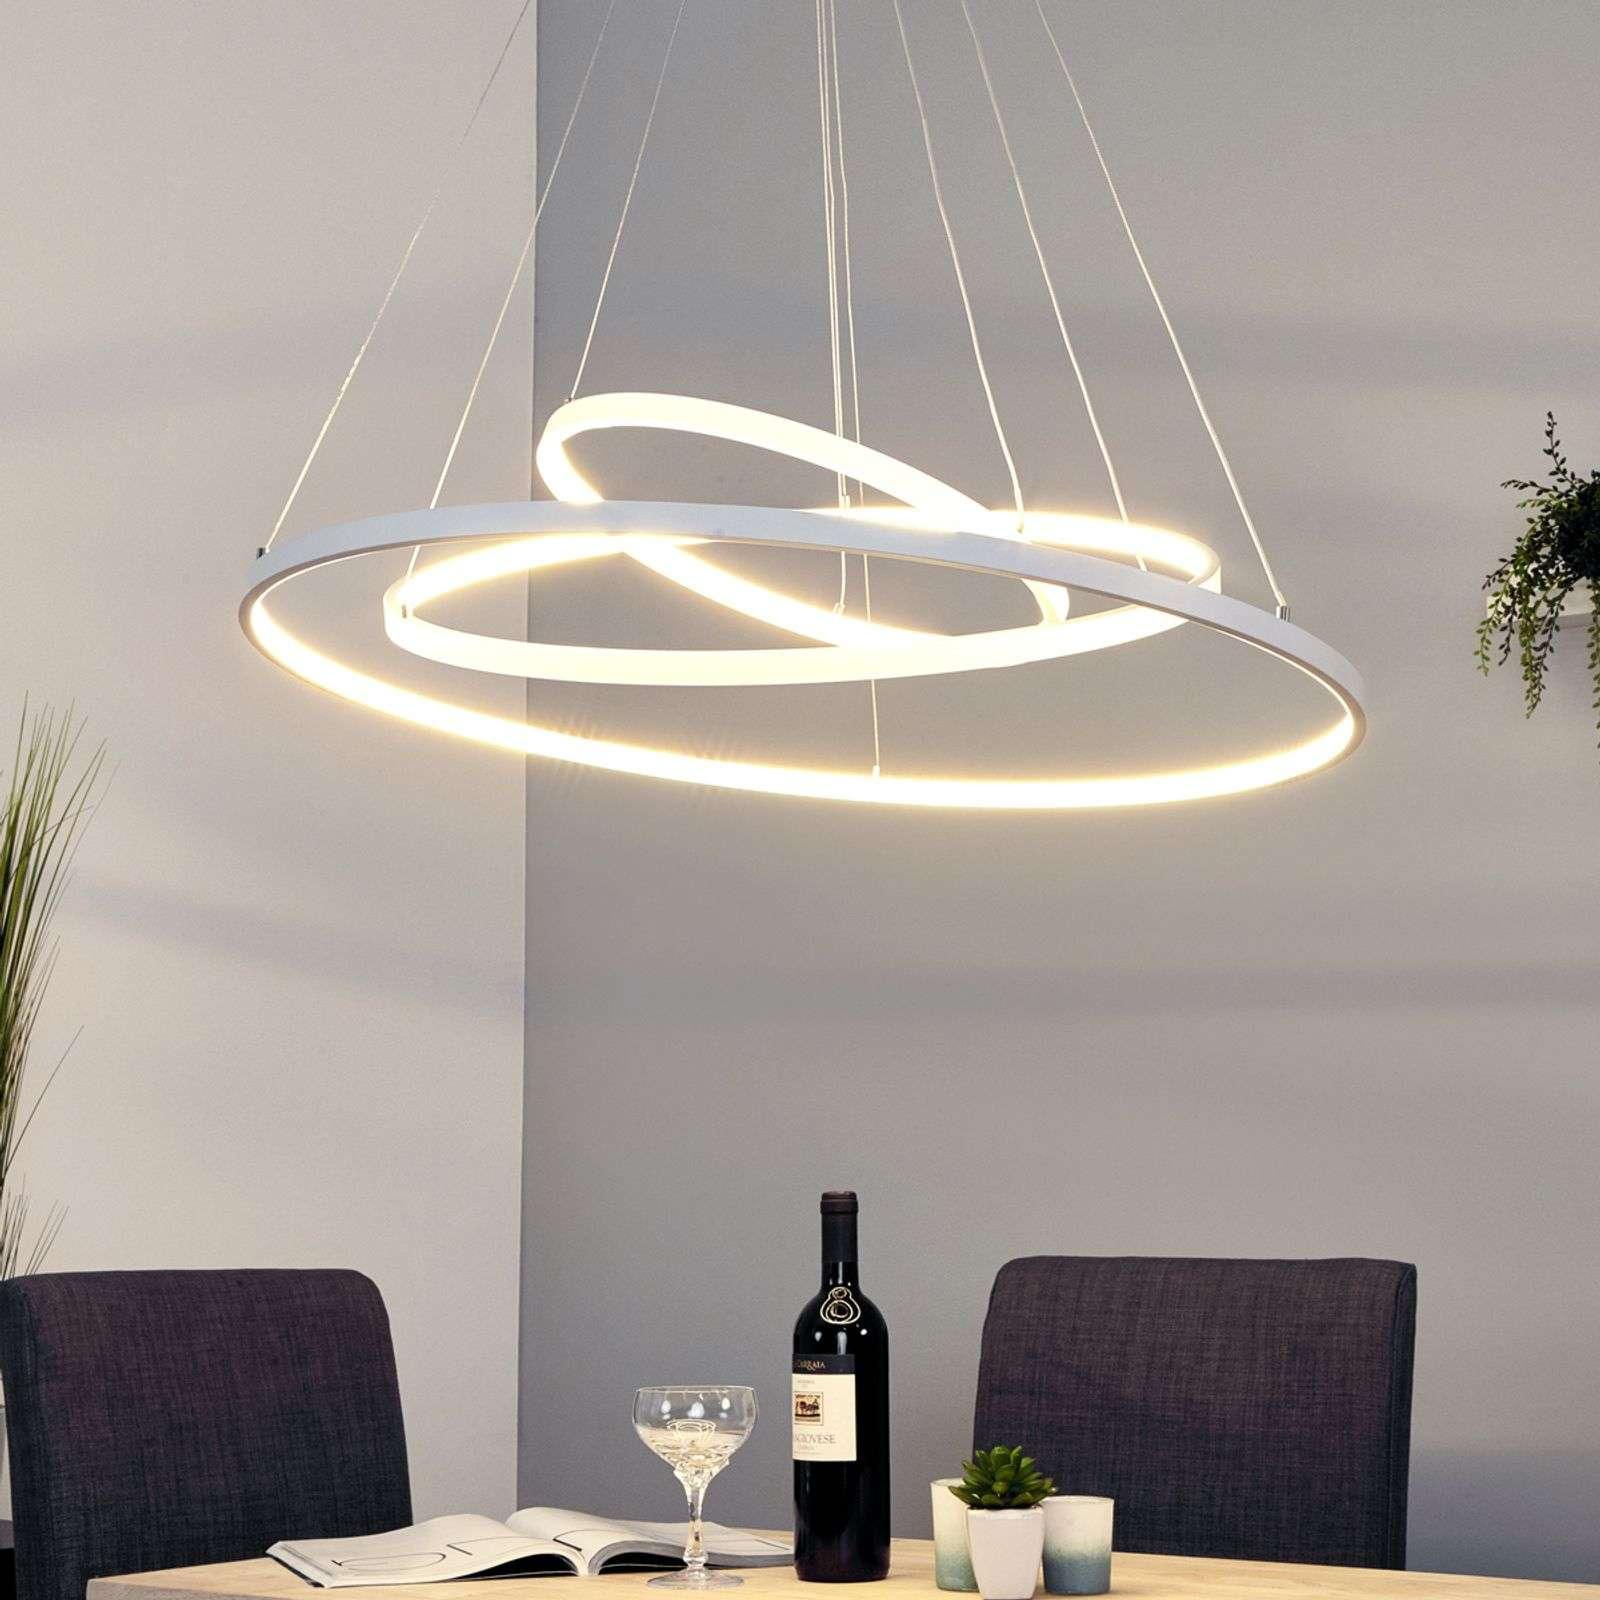 Lampenwelt.com Puissance suspension LED Eline avec 3 anneaux - LAMPENWELT.com